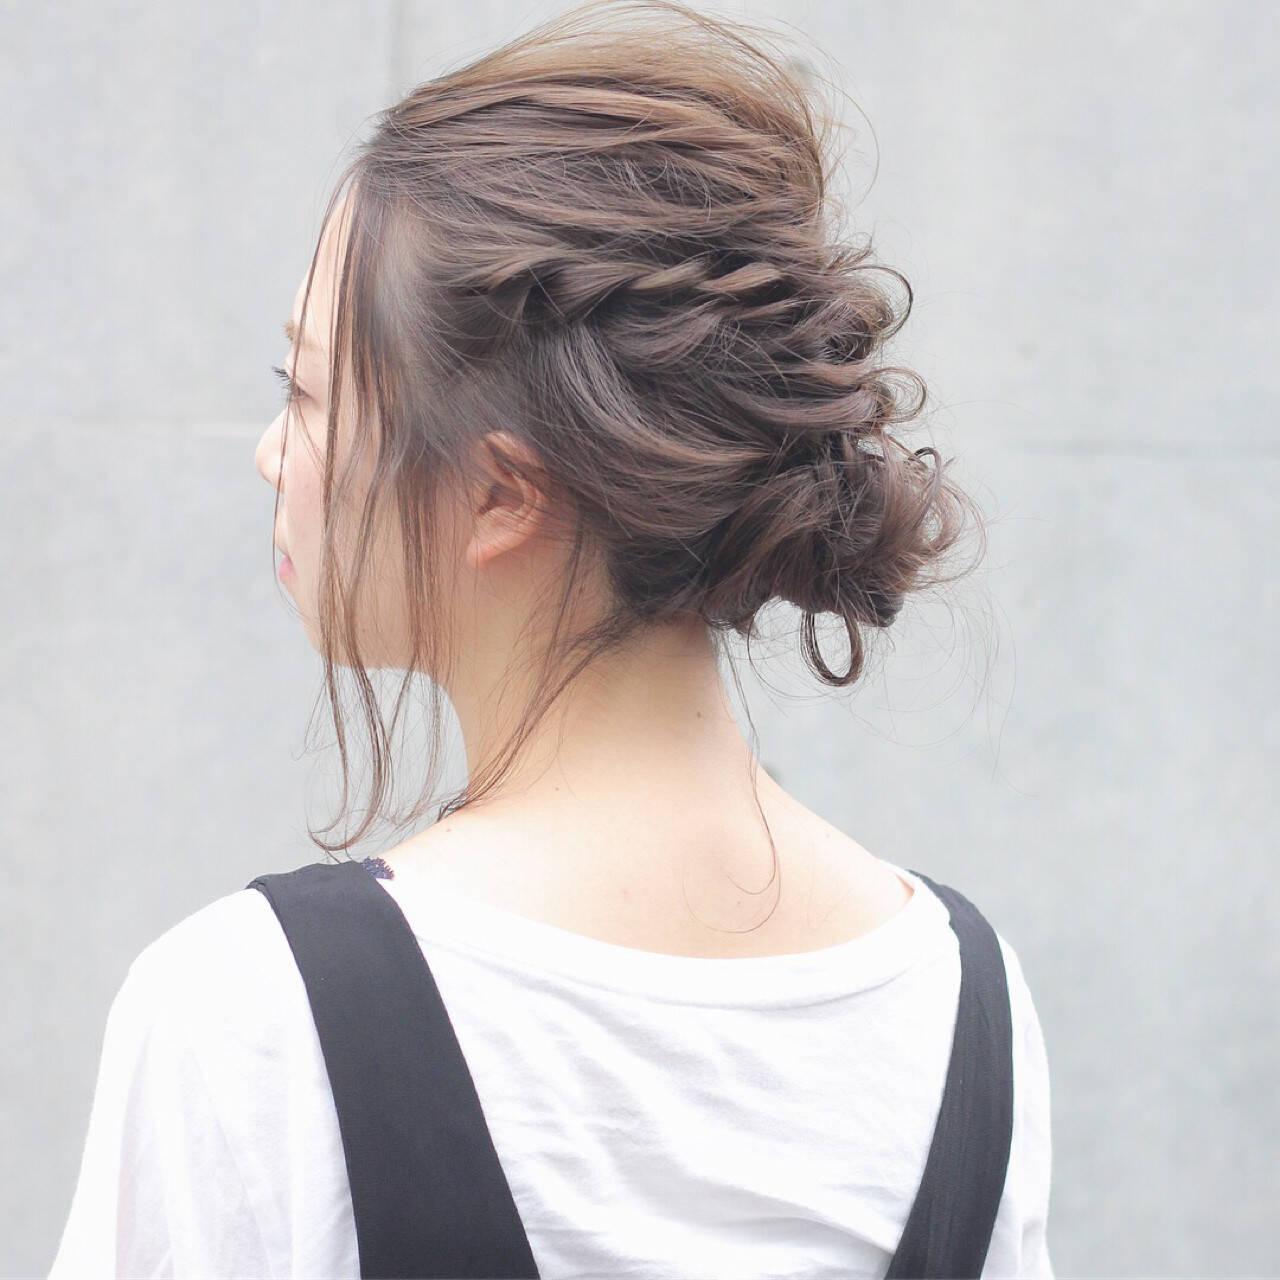 透明感 秋 編み込み ヘアアレンジヘアスタイルや髪型の写真・画像